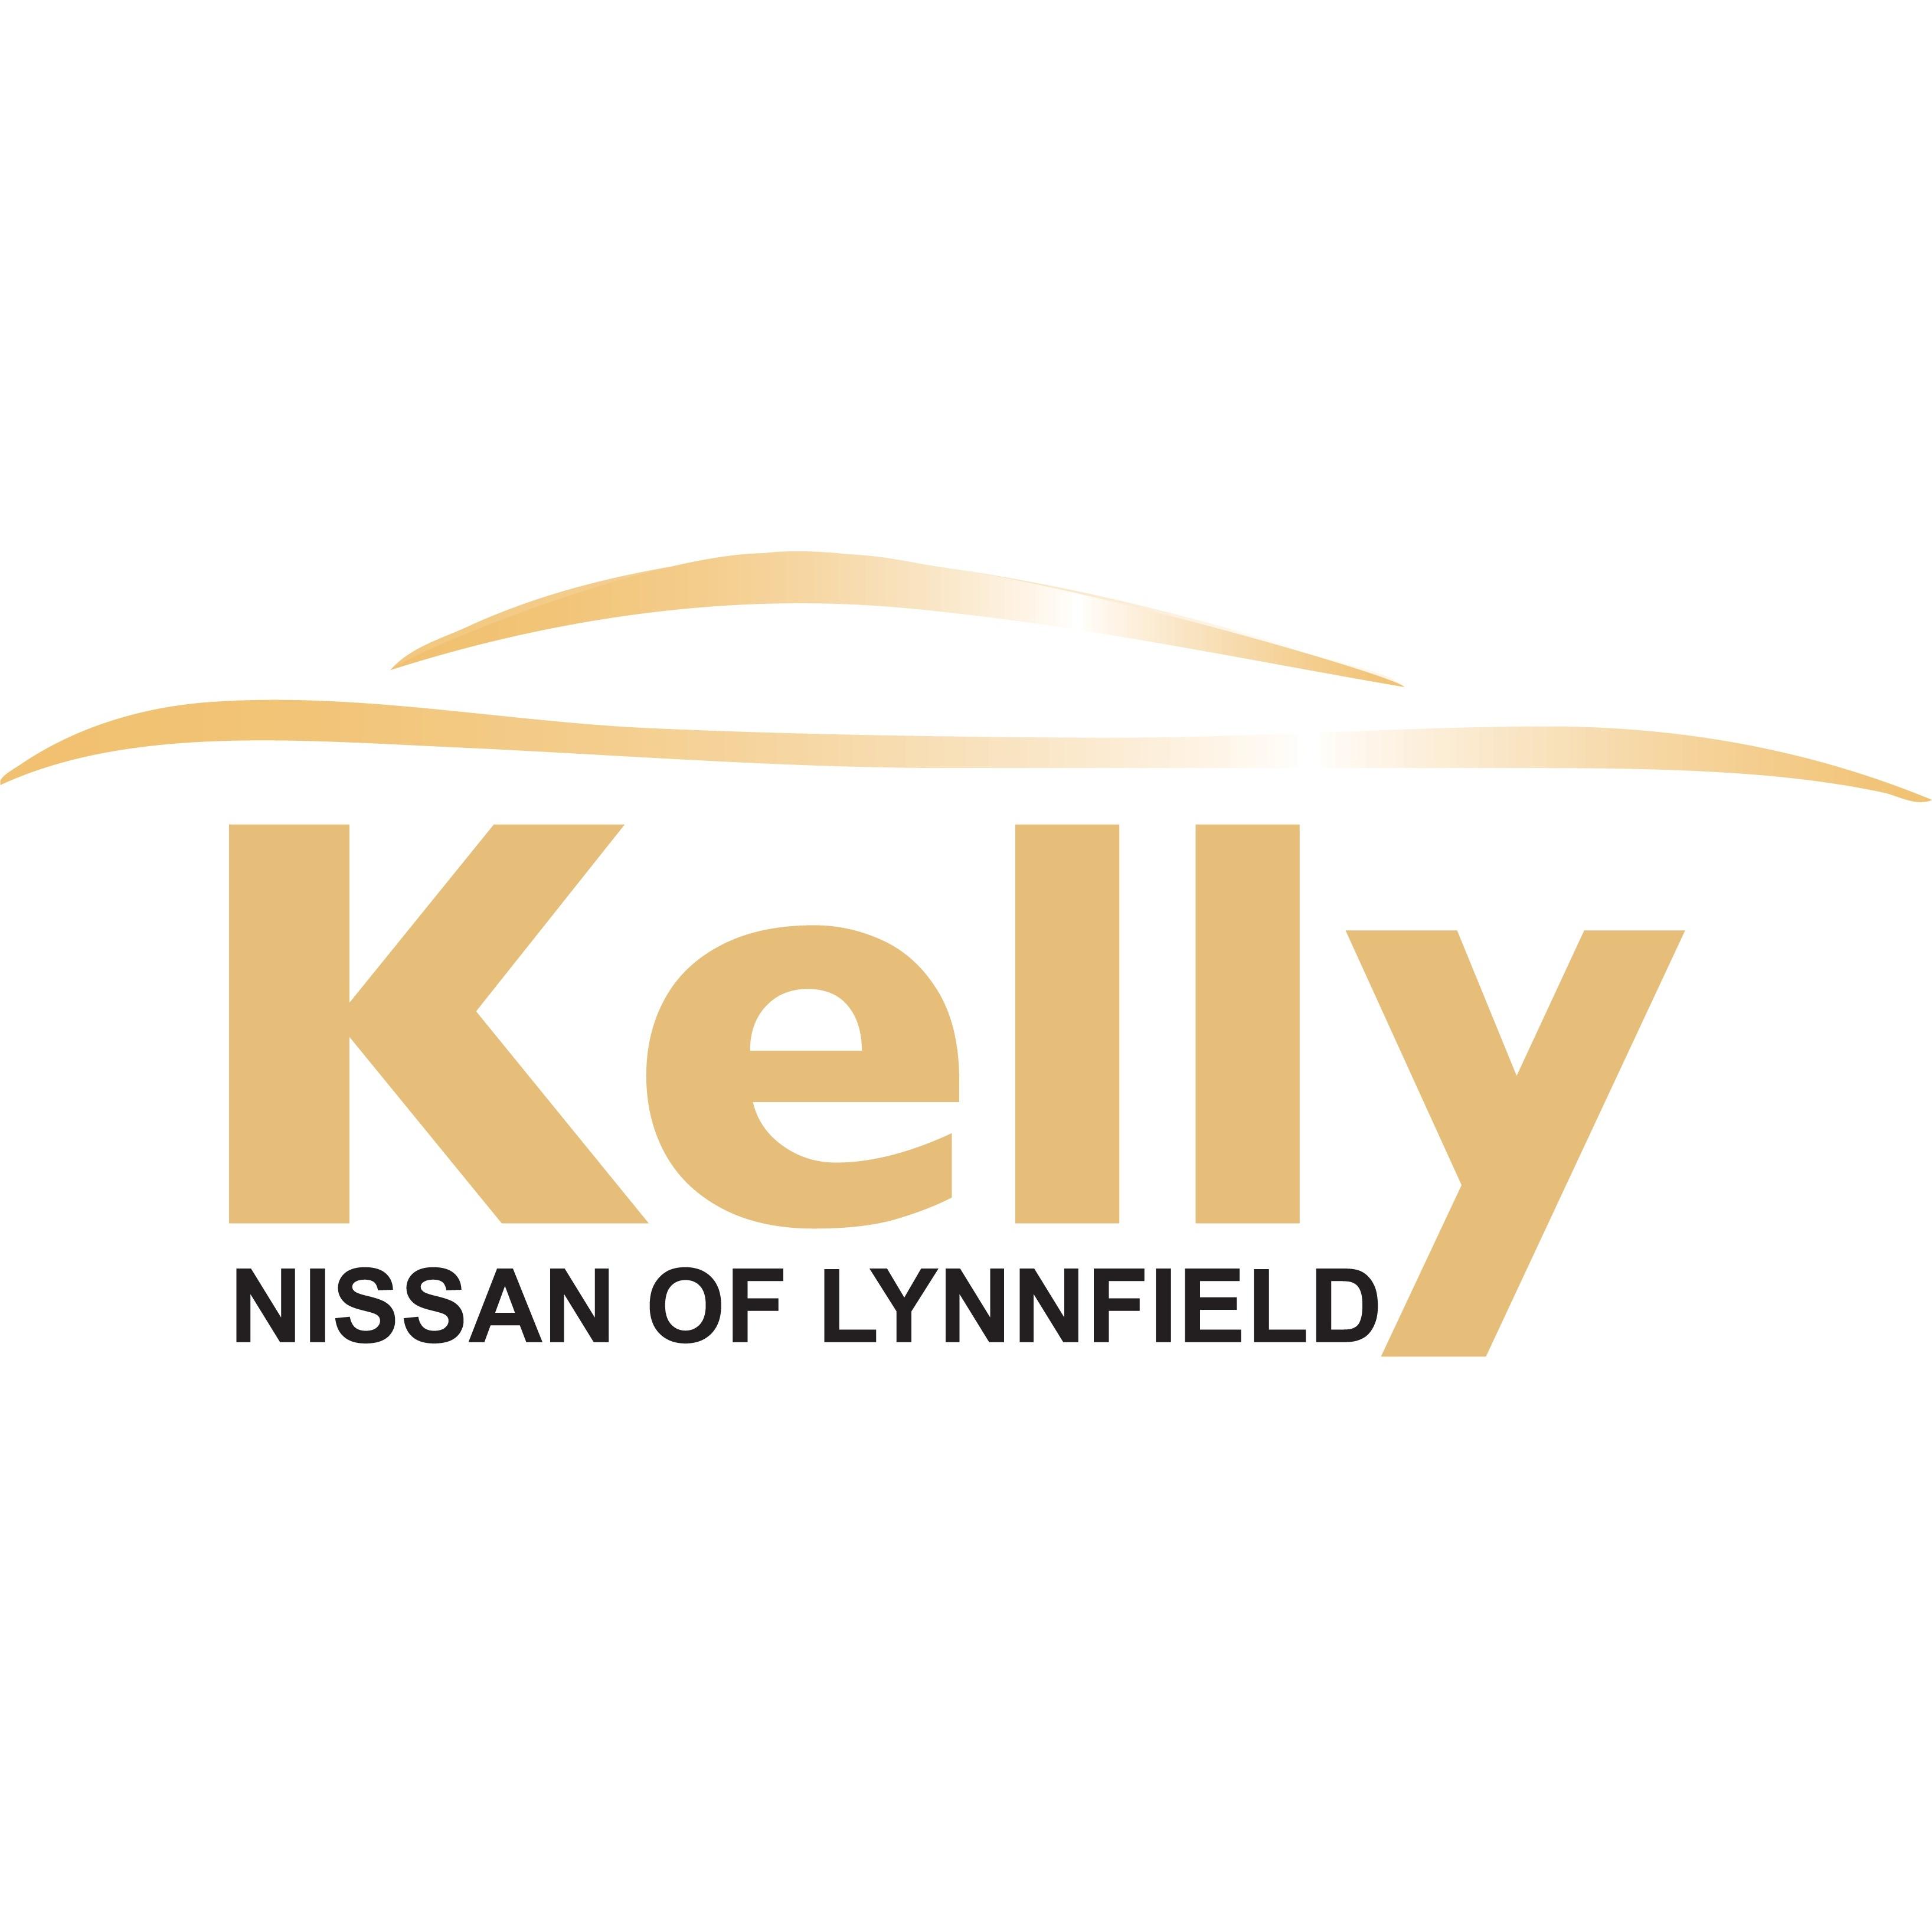 Kelly Nissan of Lynnfield